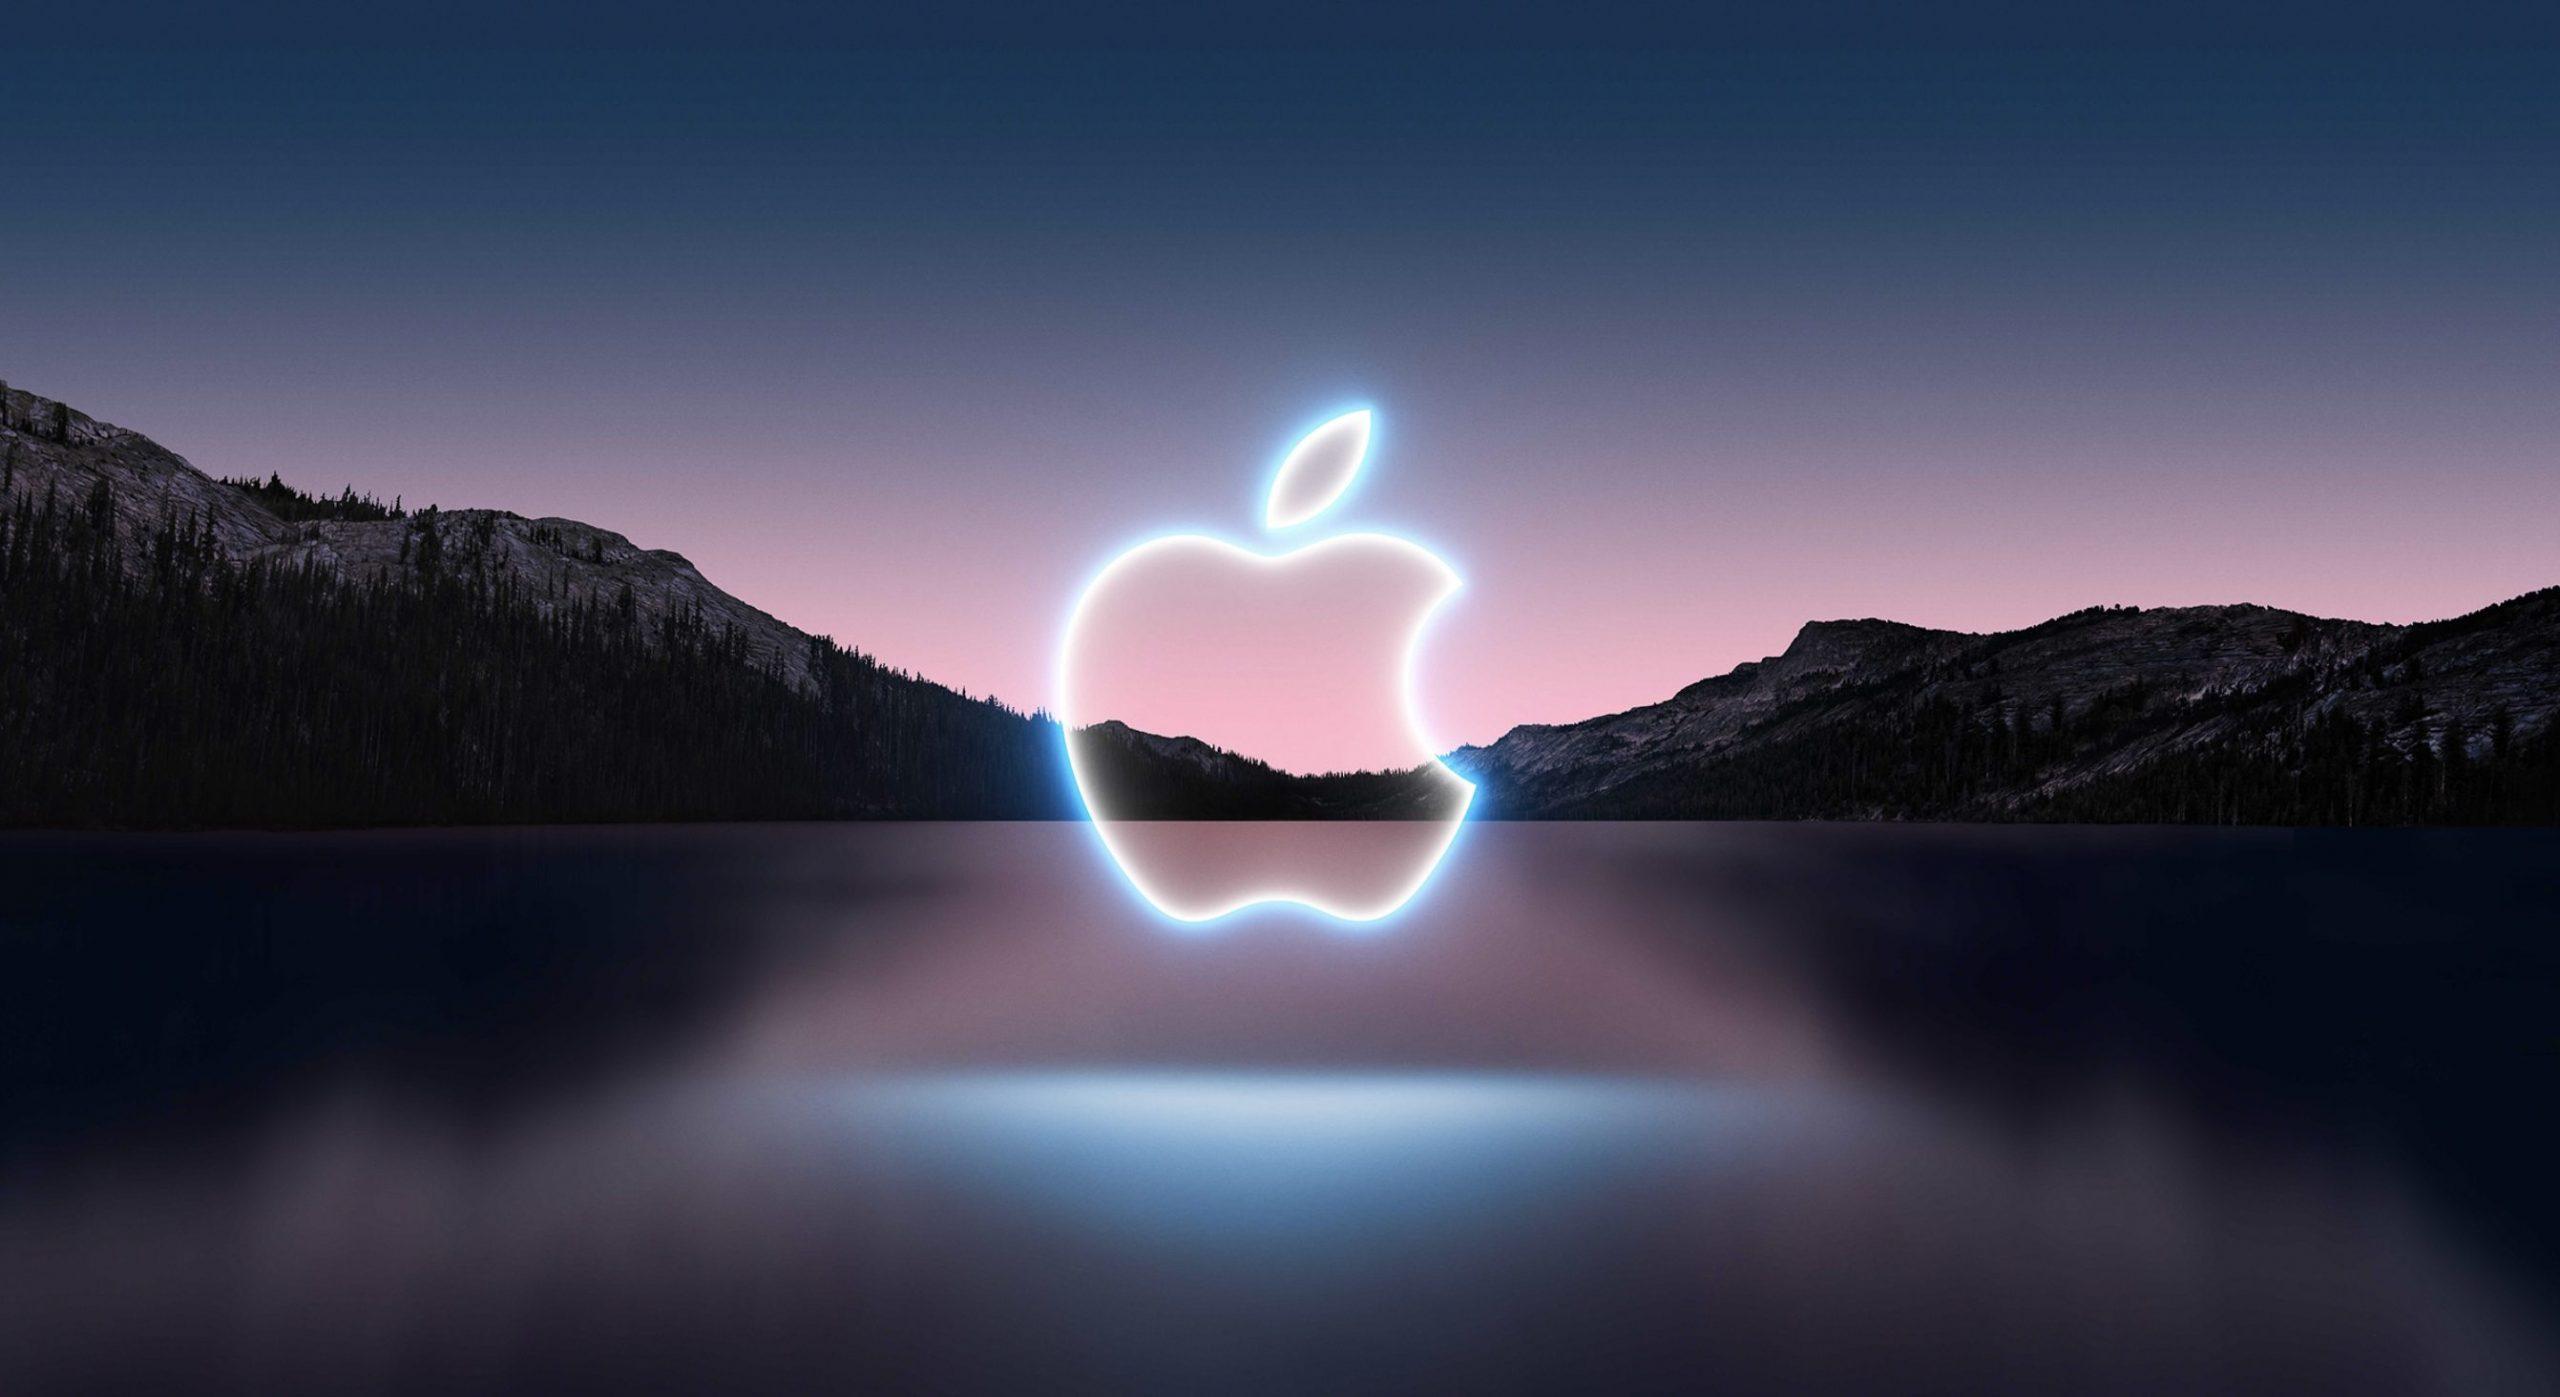 Foto de Apple event 2021: iPhone 13, iWatch S7, iPad mini y demás lanzamientos de la marca [Opinión]